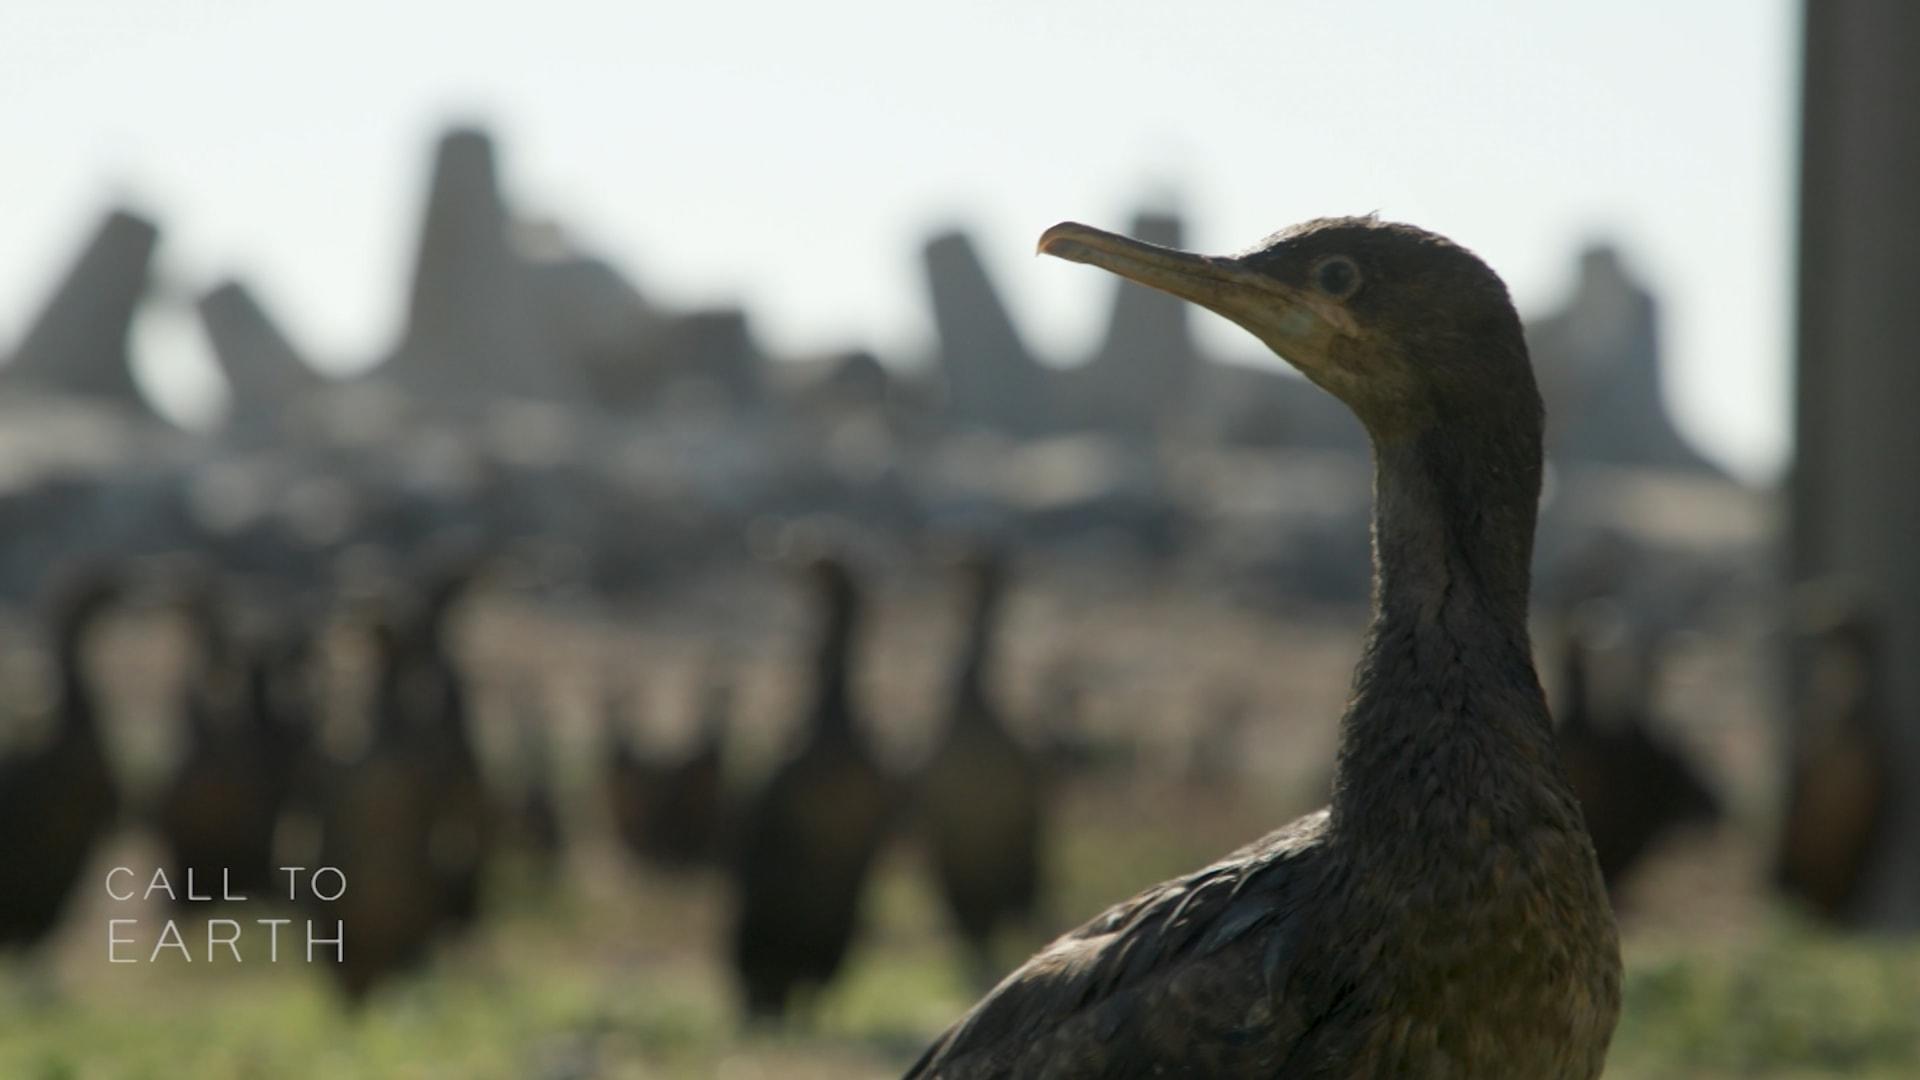 مهمة إنقاذ 2000 من فراخ طيور غاقة رأس الرجاء الصالح في جنوب أفريقيا